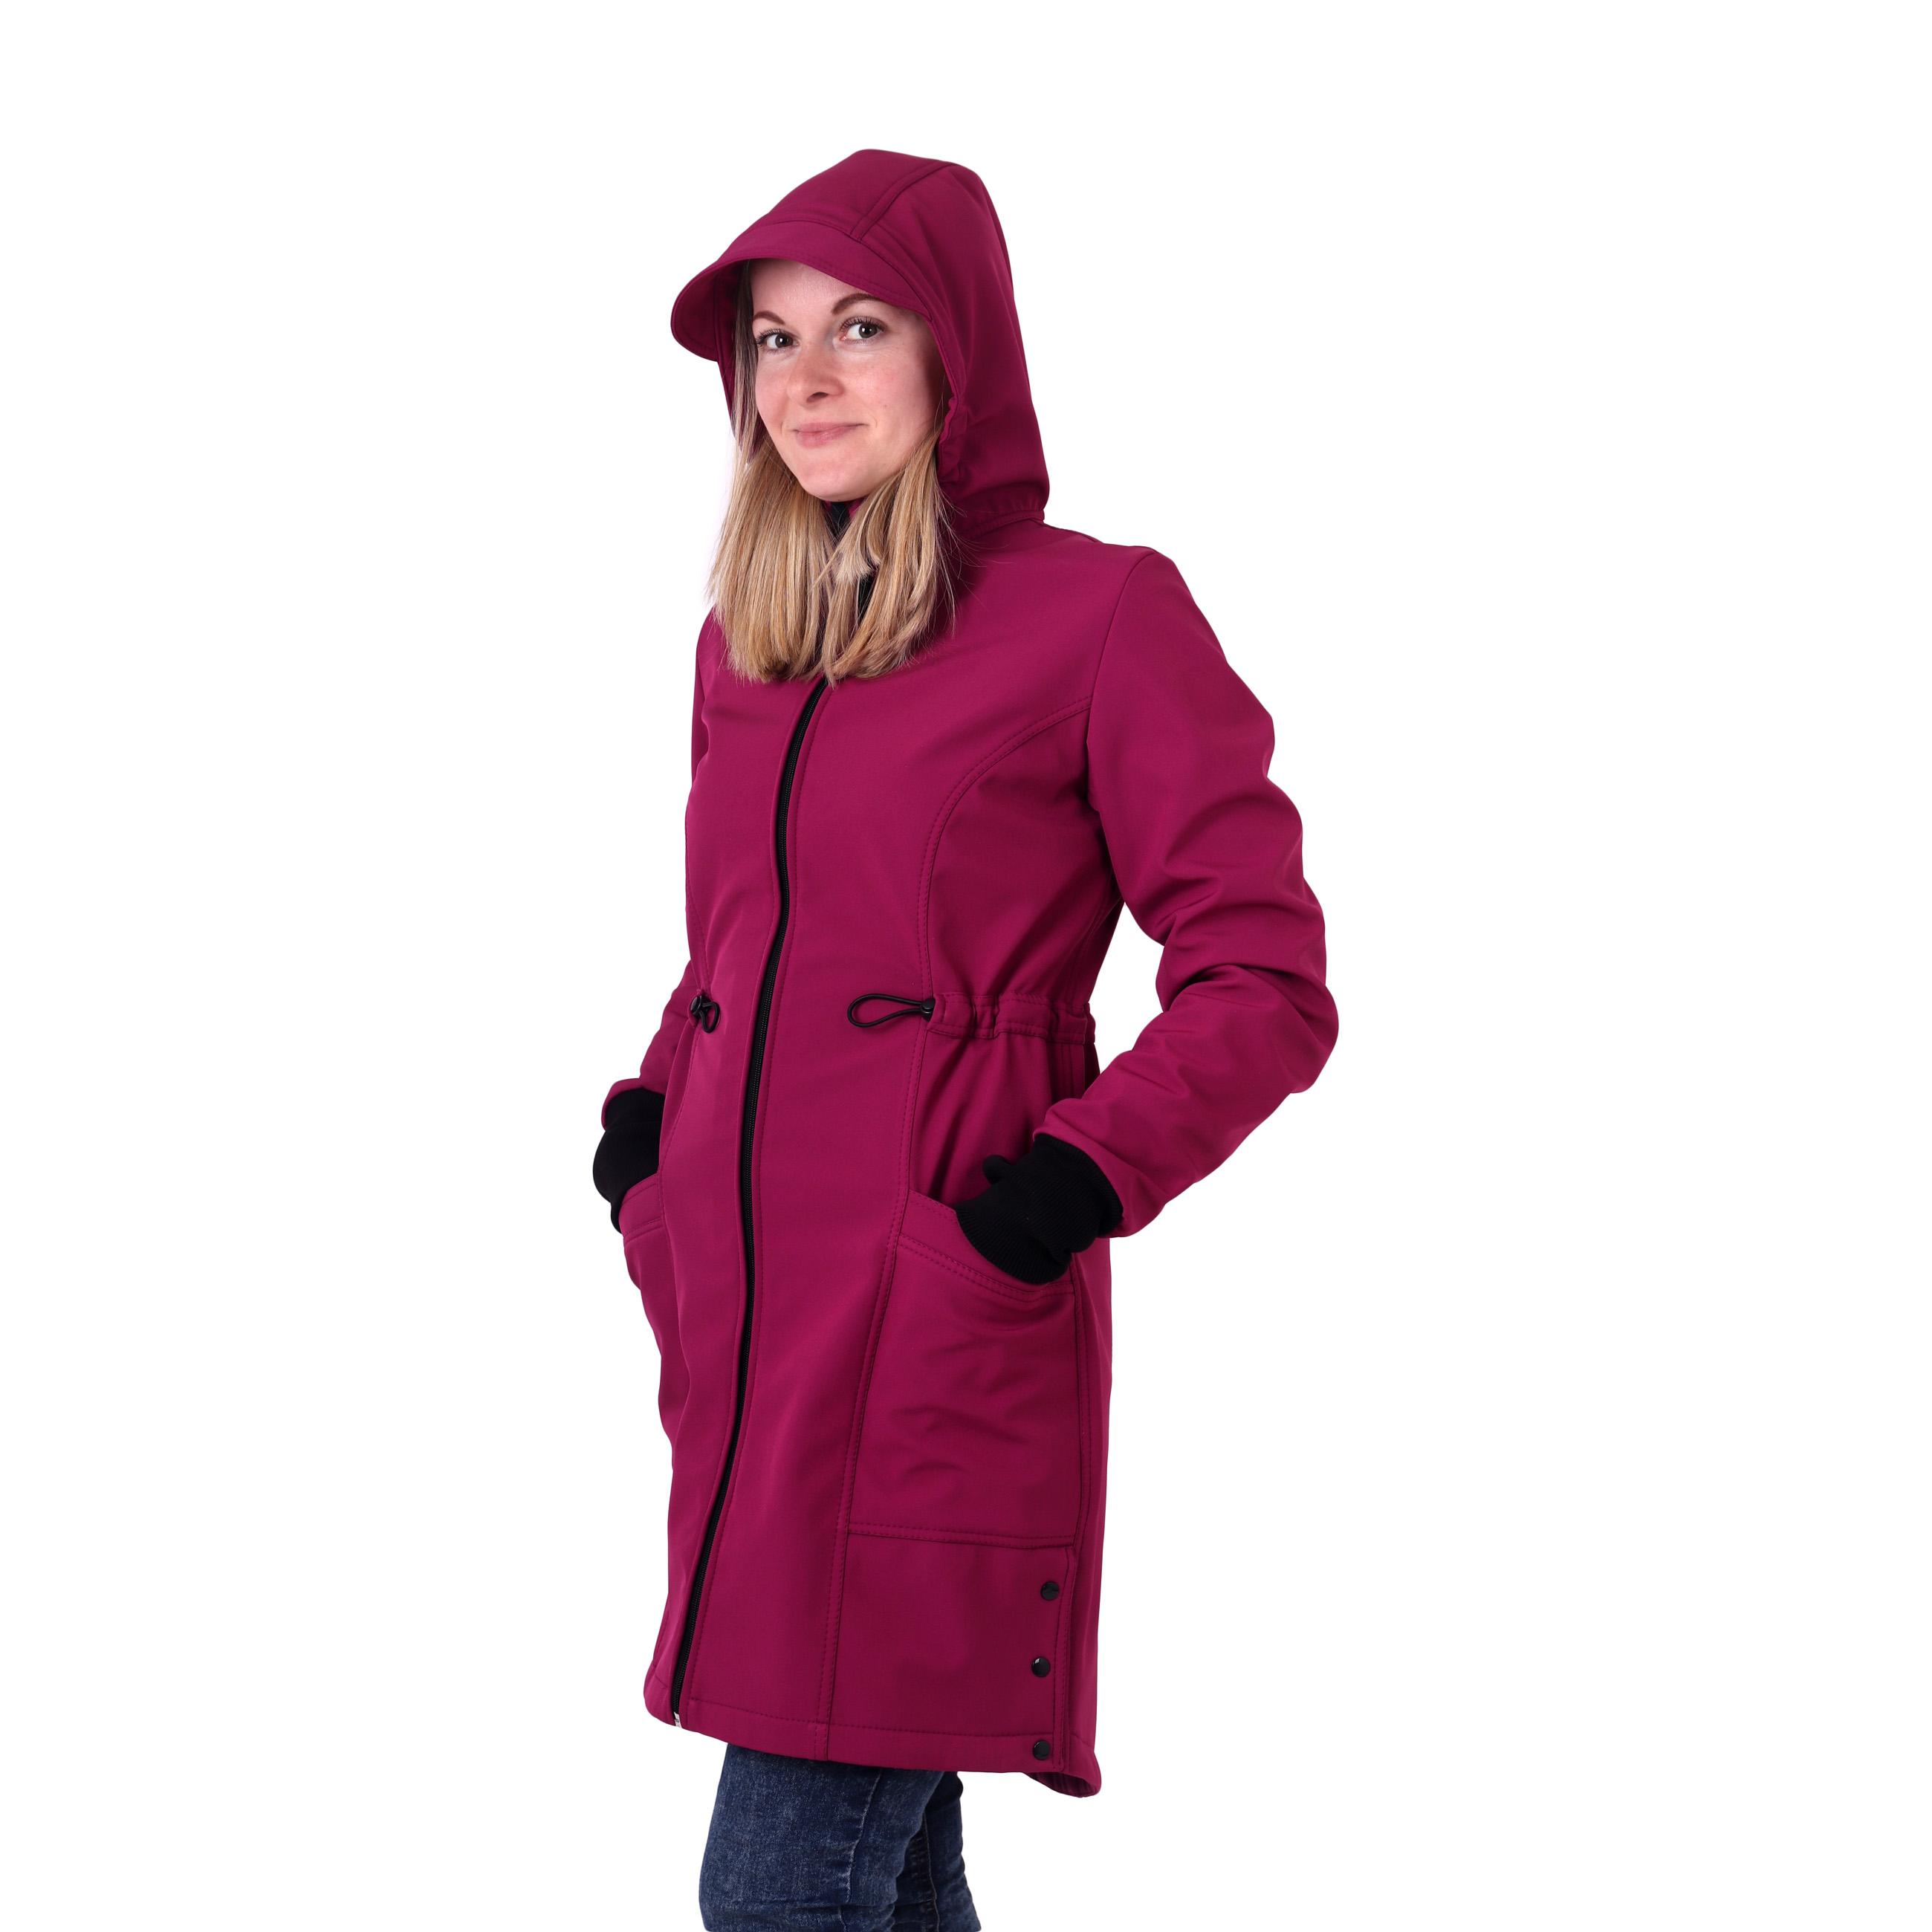 Dámský softshellový kabát hana, fuchsiový, m